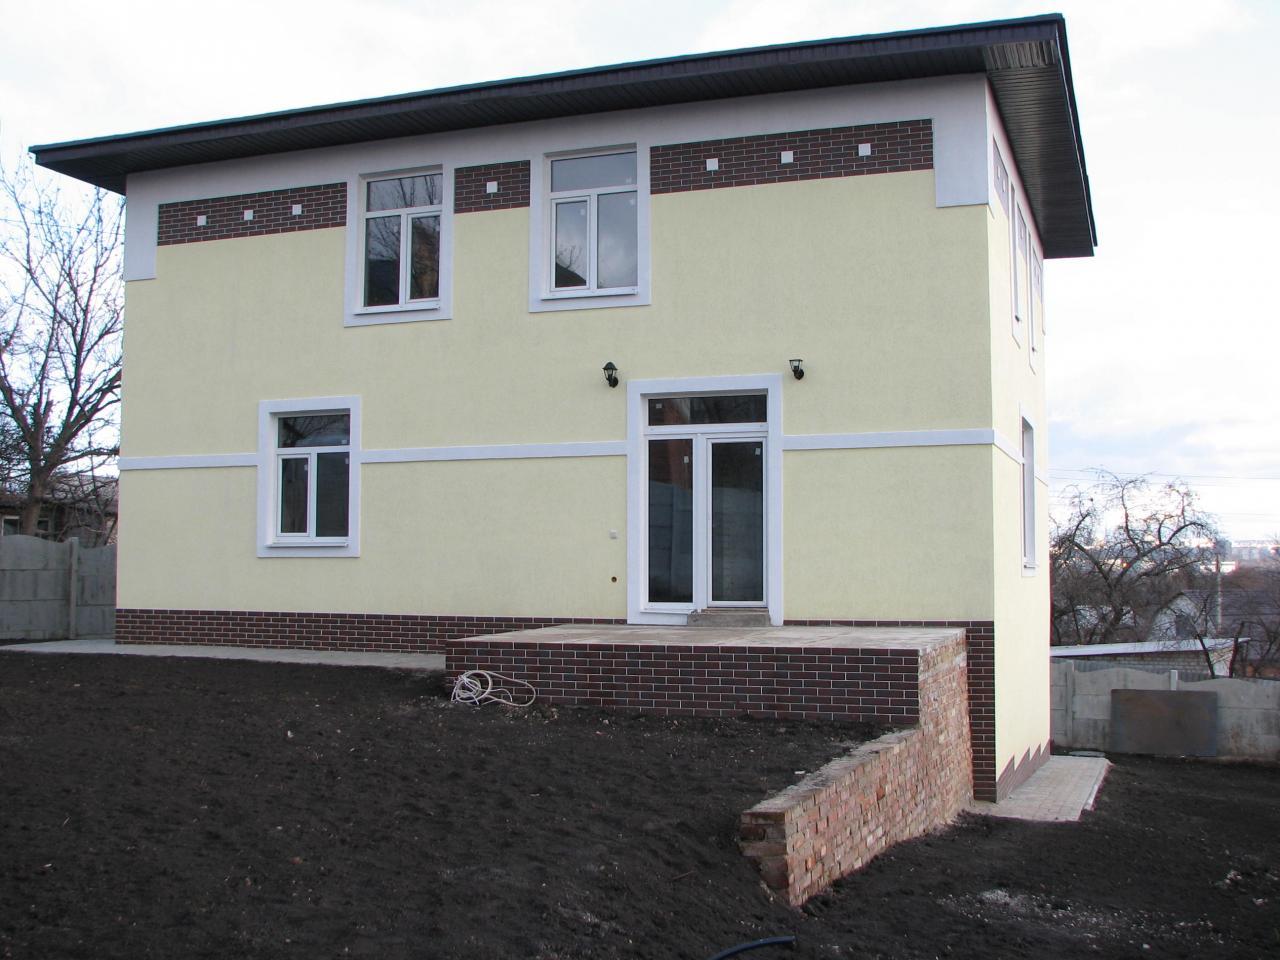 Фото 2 - Продам дом Харьков, Саперная ул.